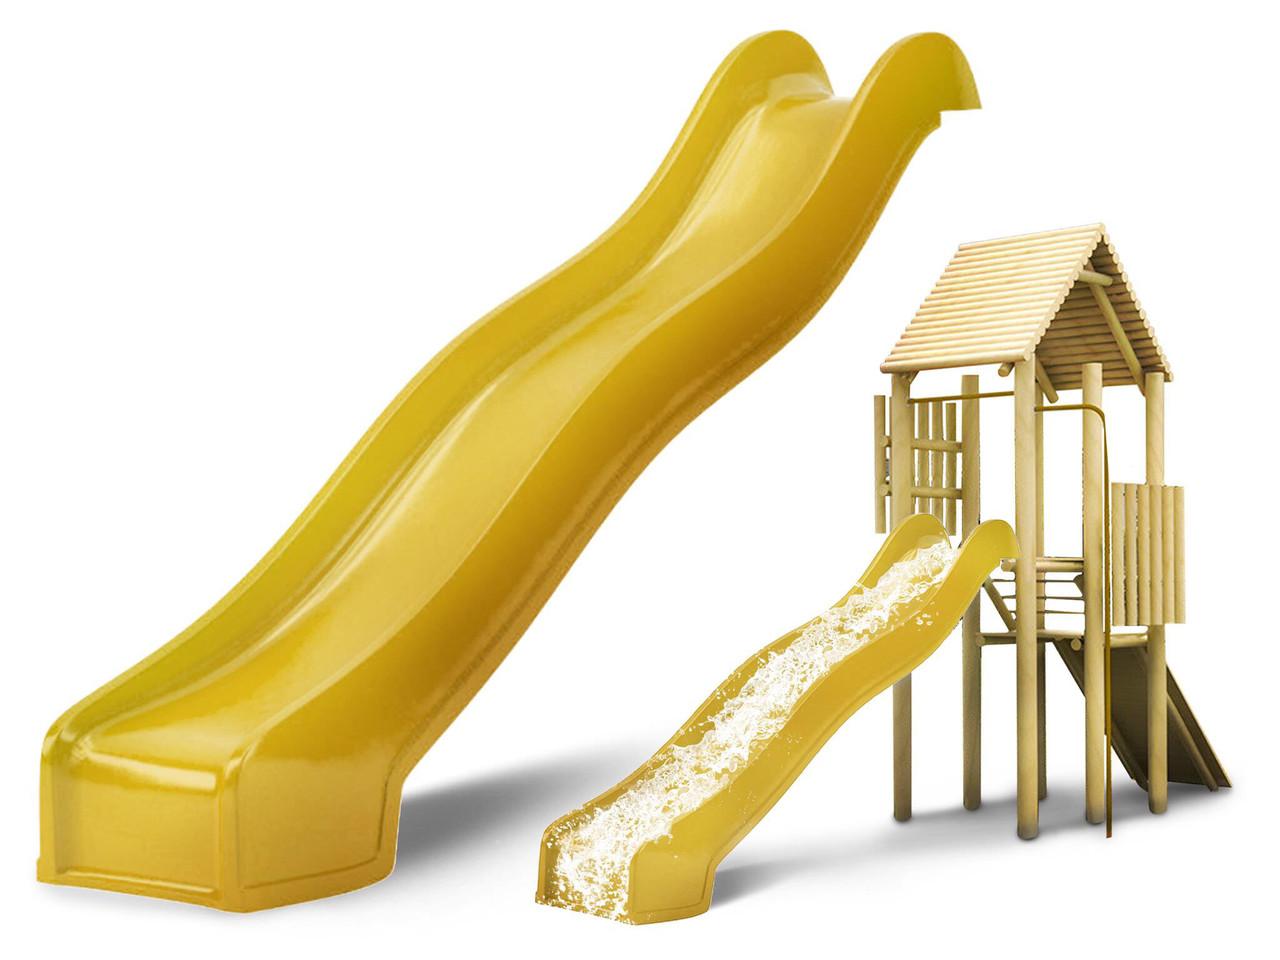 Гірка спуск для дітей Hapro 3 м. (Жовта)